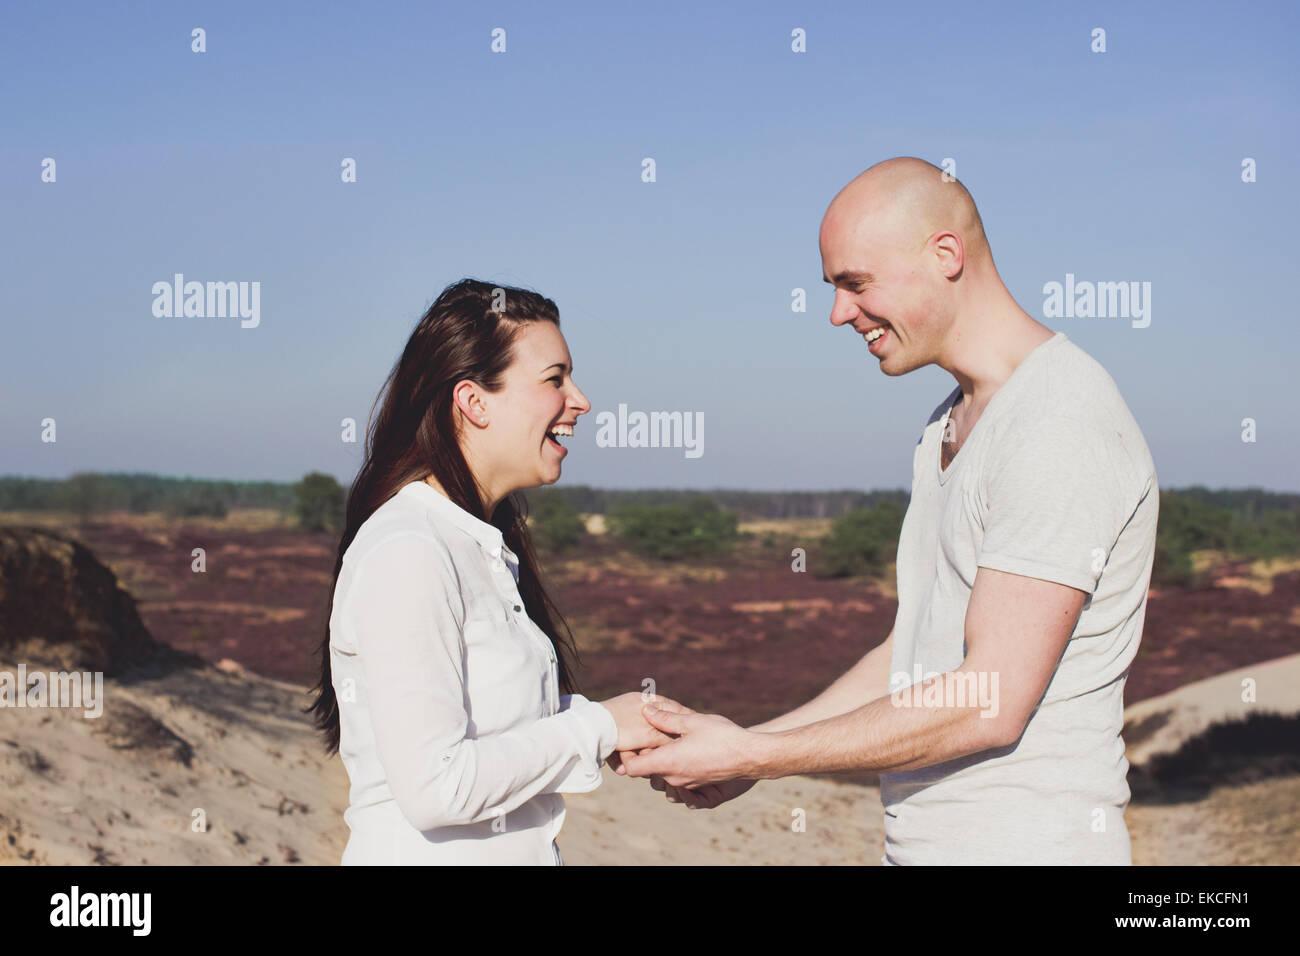 Portrait d'un couple holding hands, rire Photo Stock